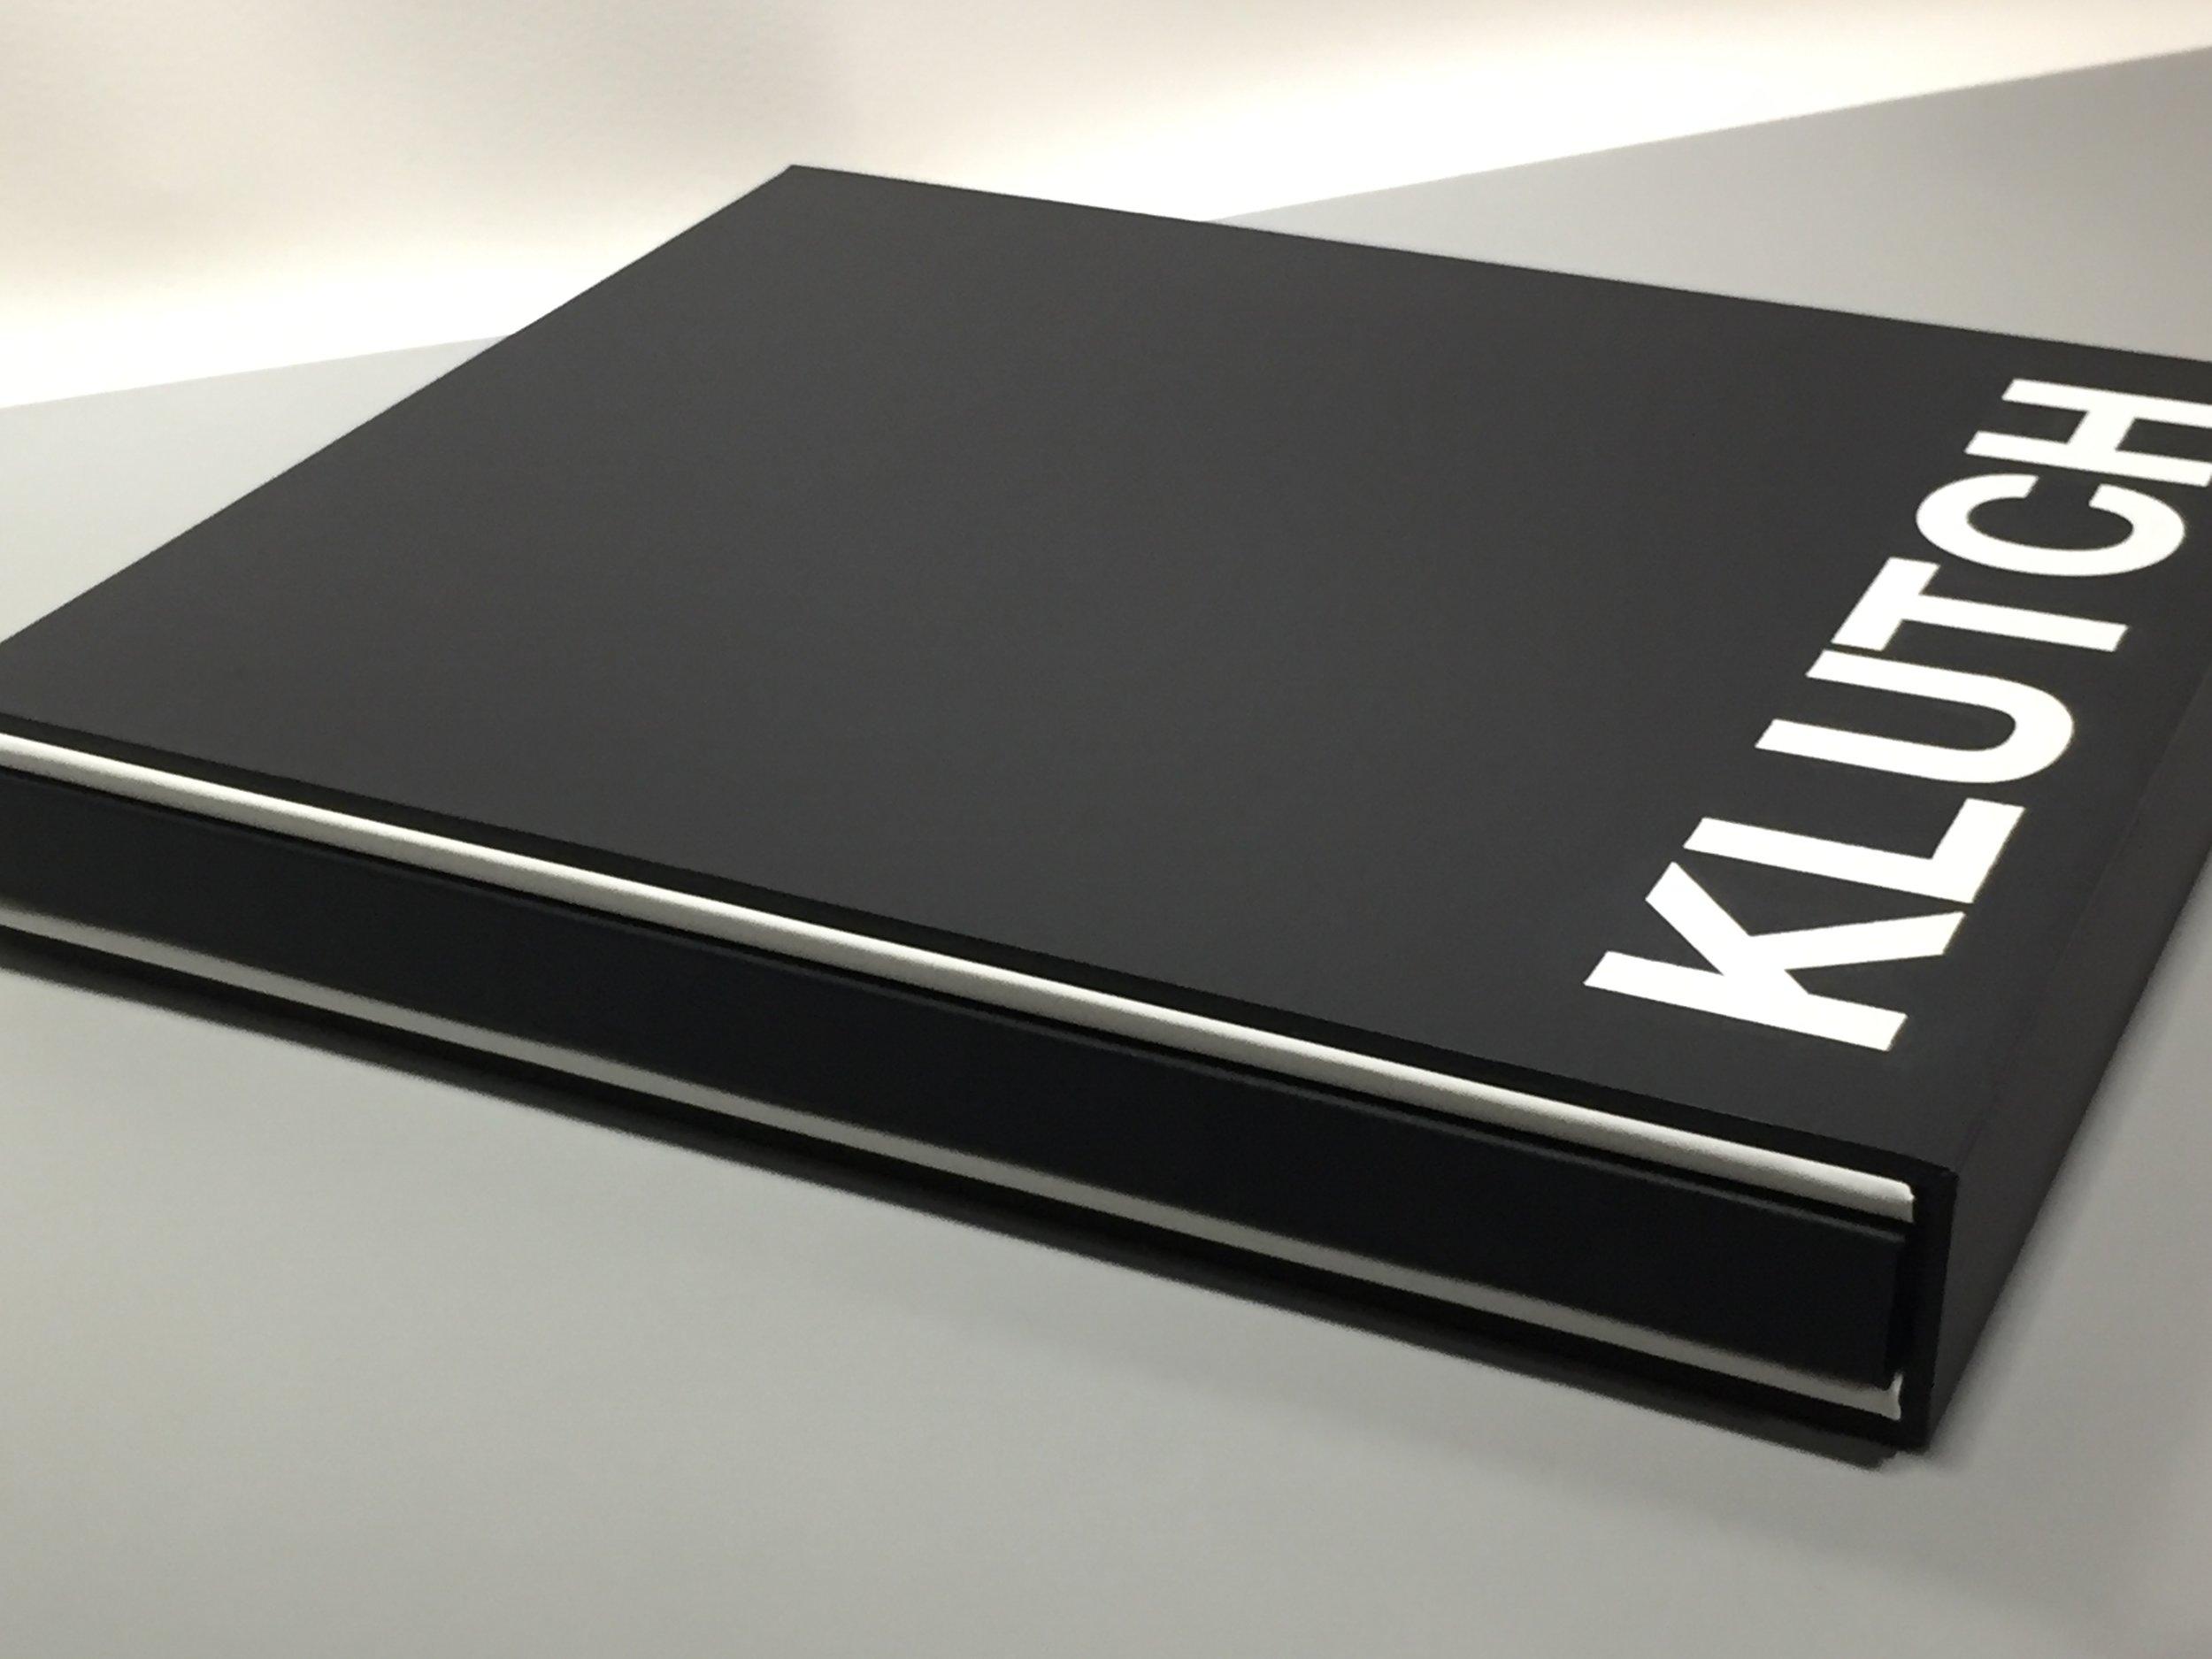 Mullenberg-Designs_Slipcase_05.JPG